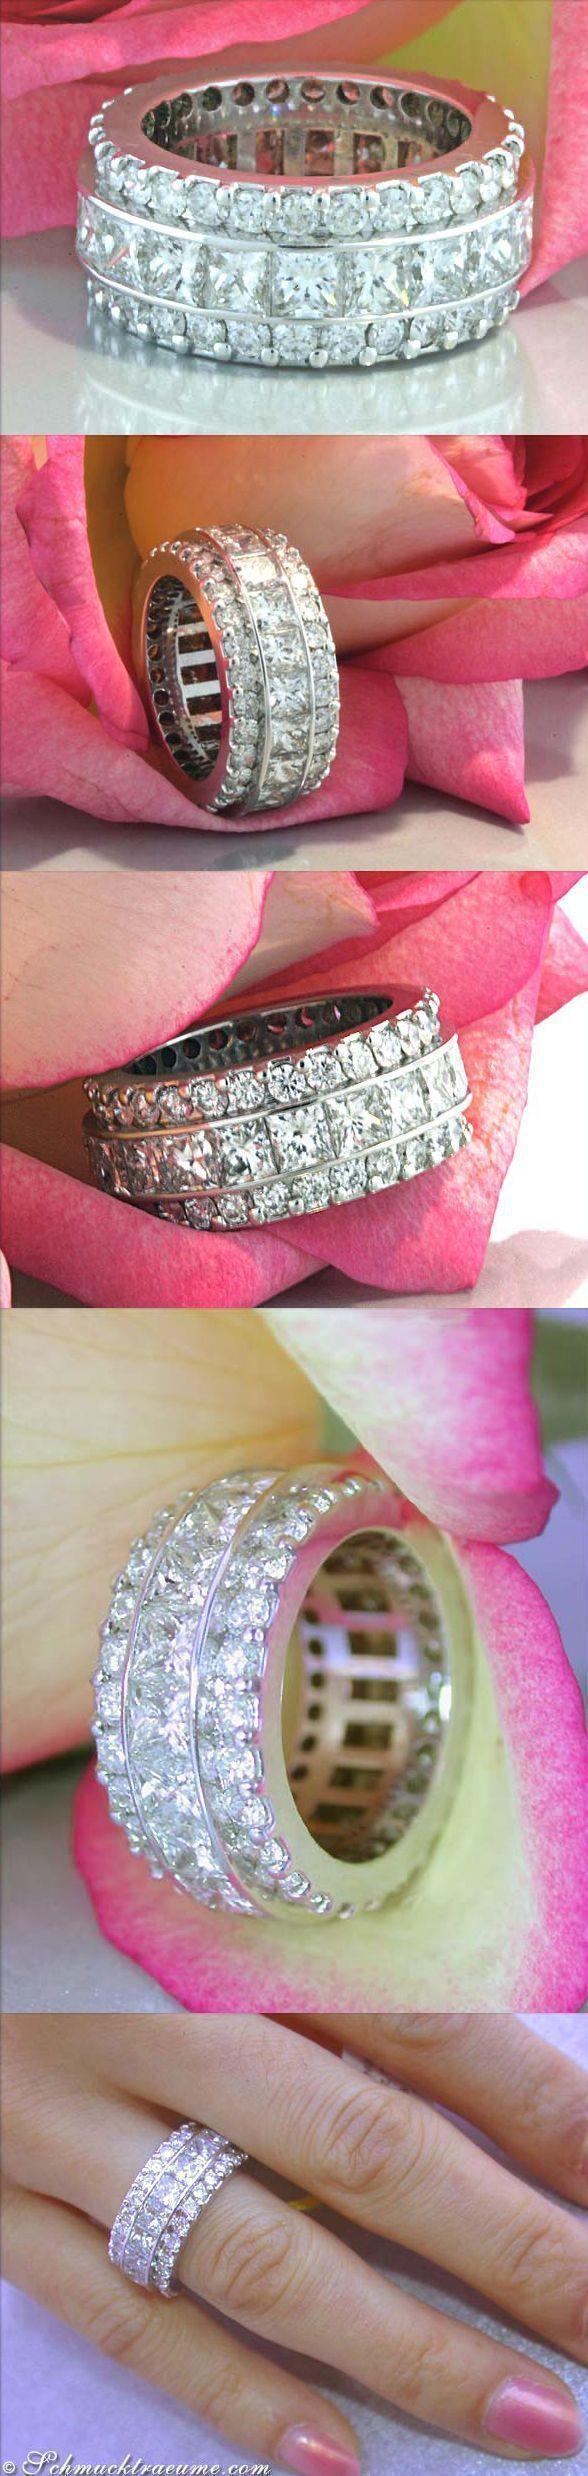 714 best Diamond Eternity Rings images on Pinterest | Bangle ...